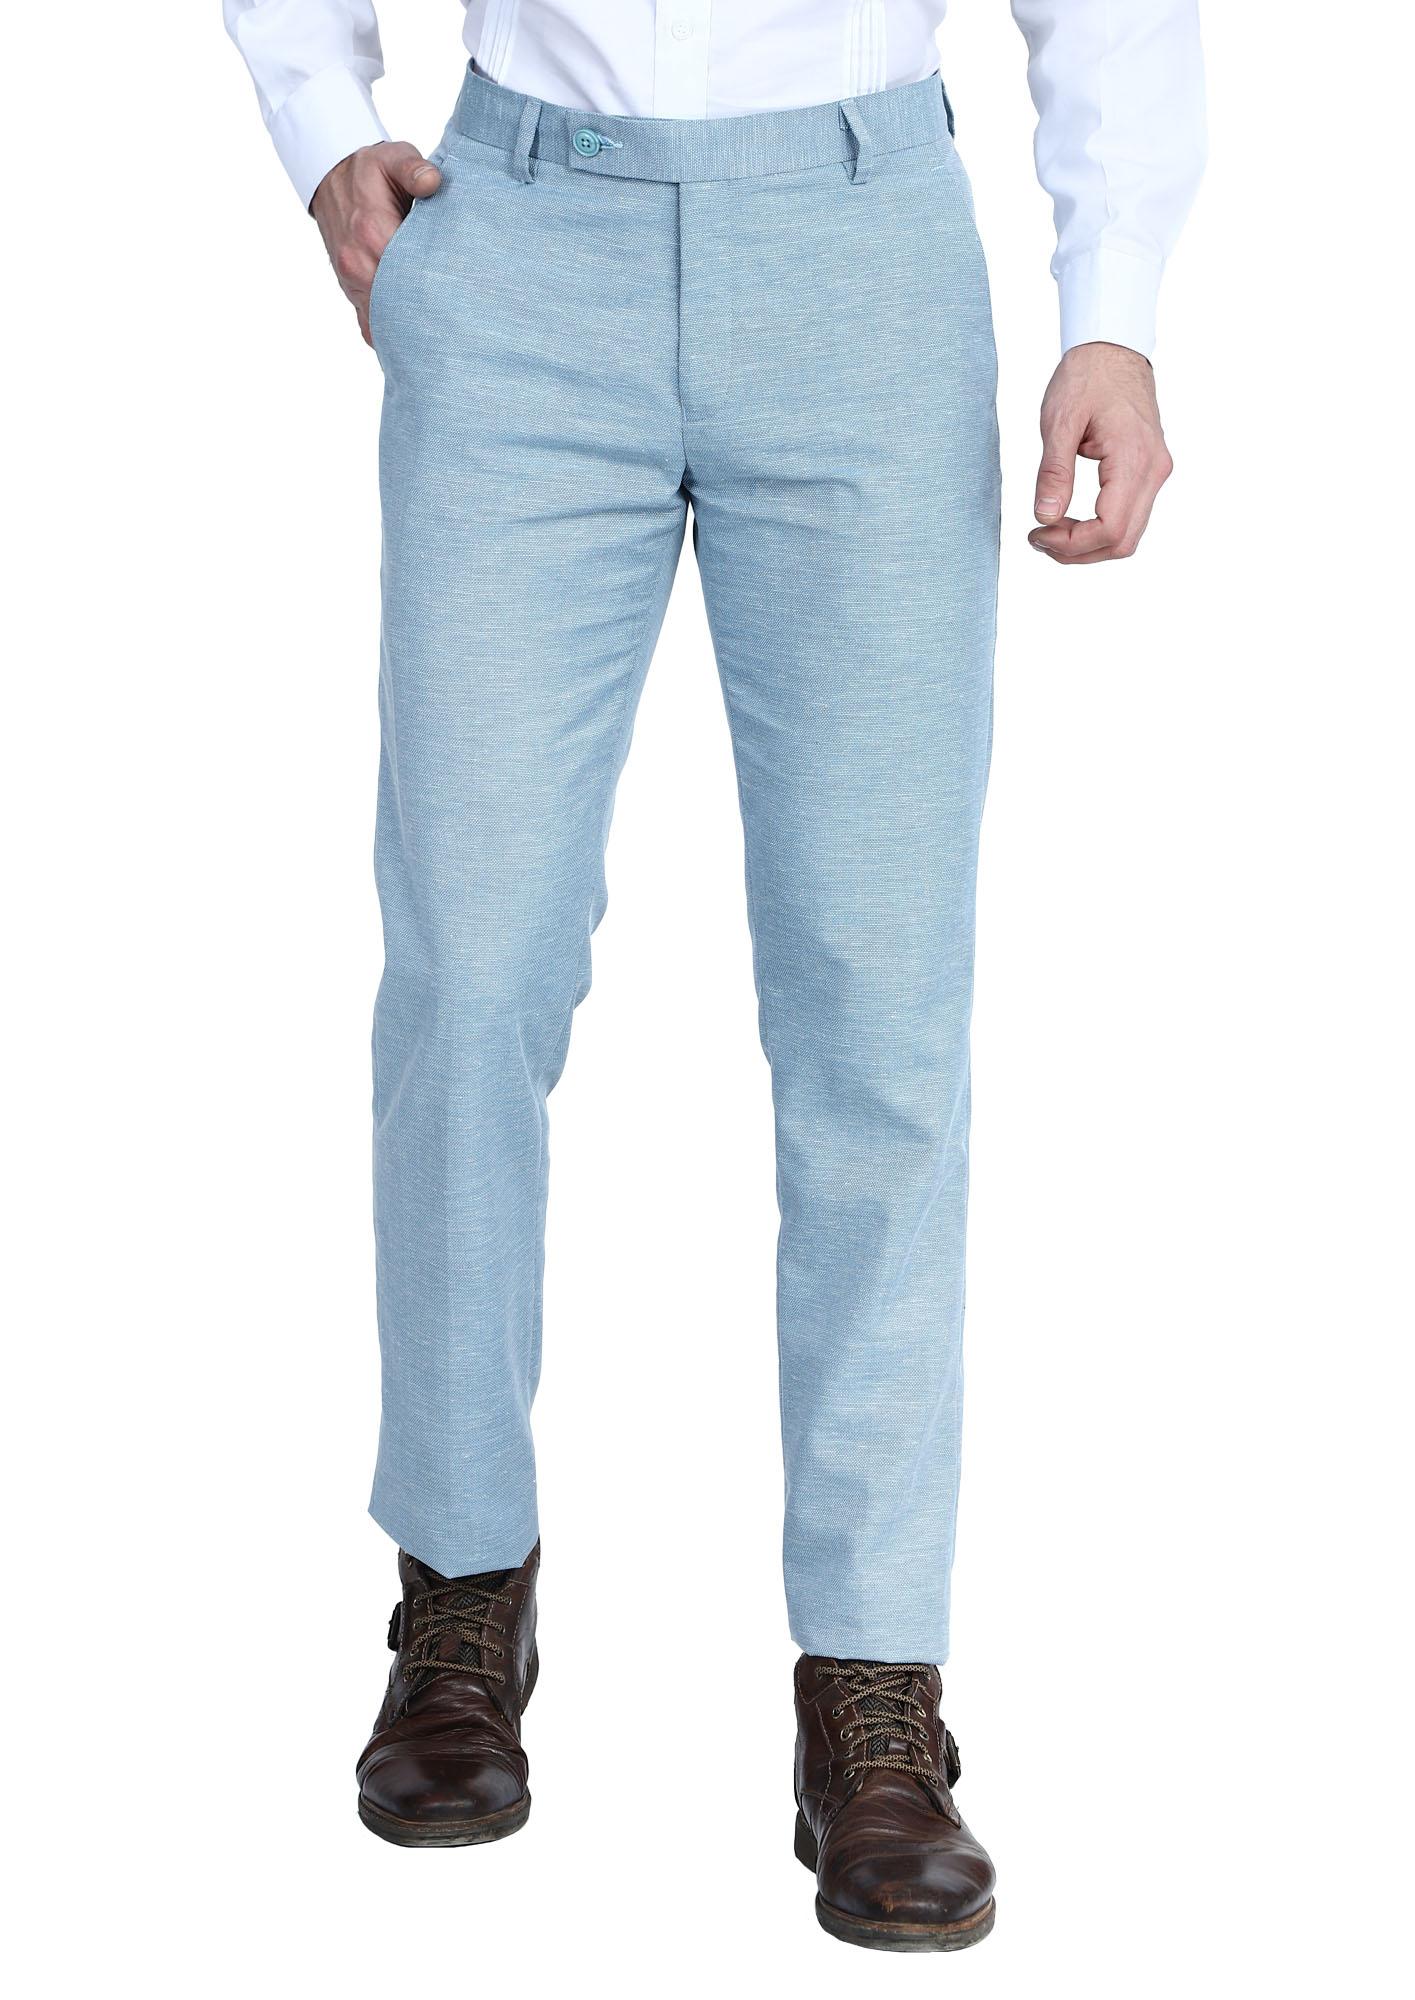 TAHVO | TAHVO men Jute linen formal trousers